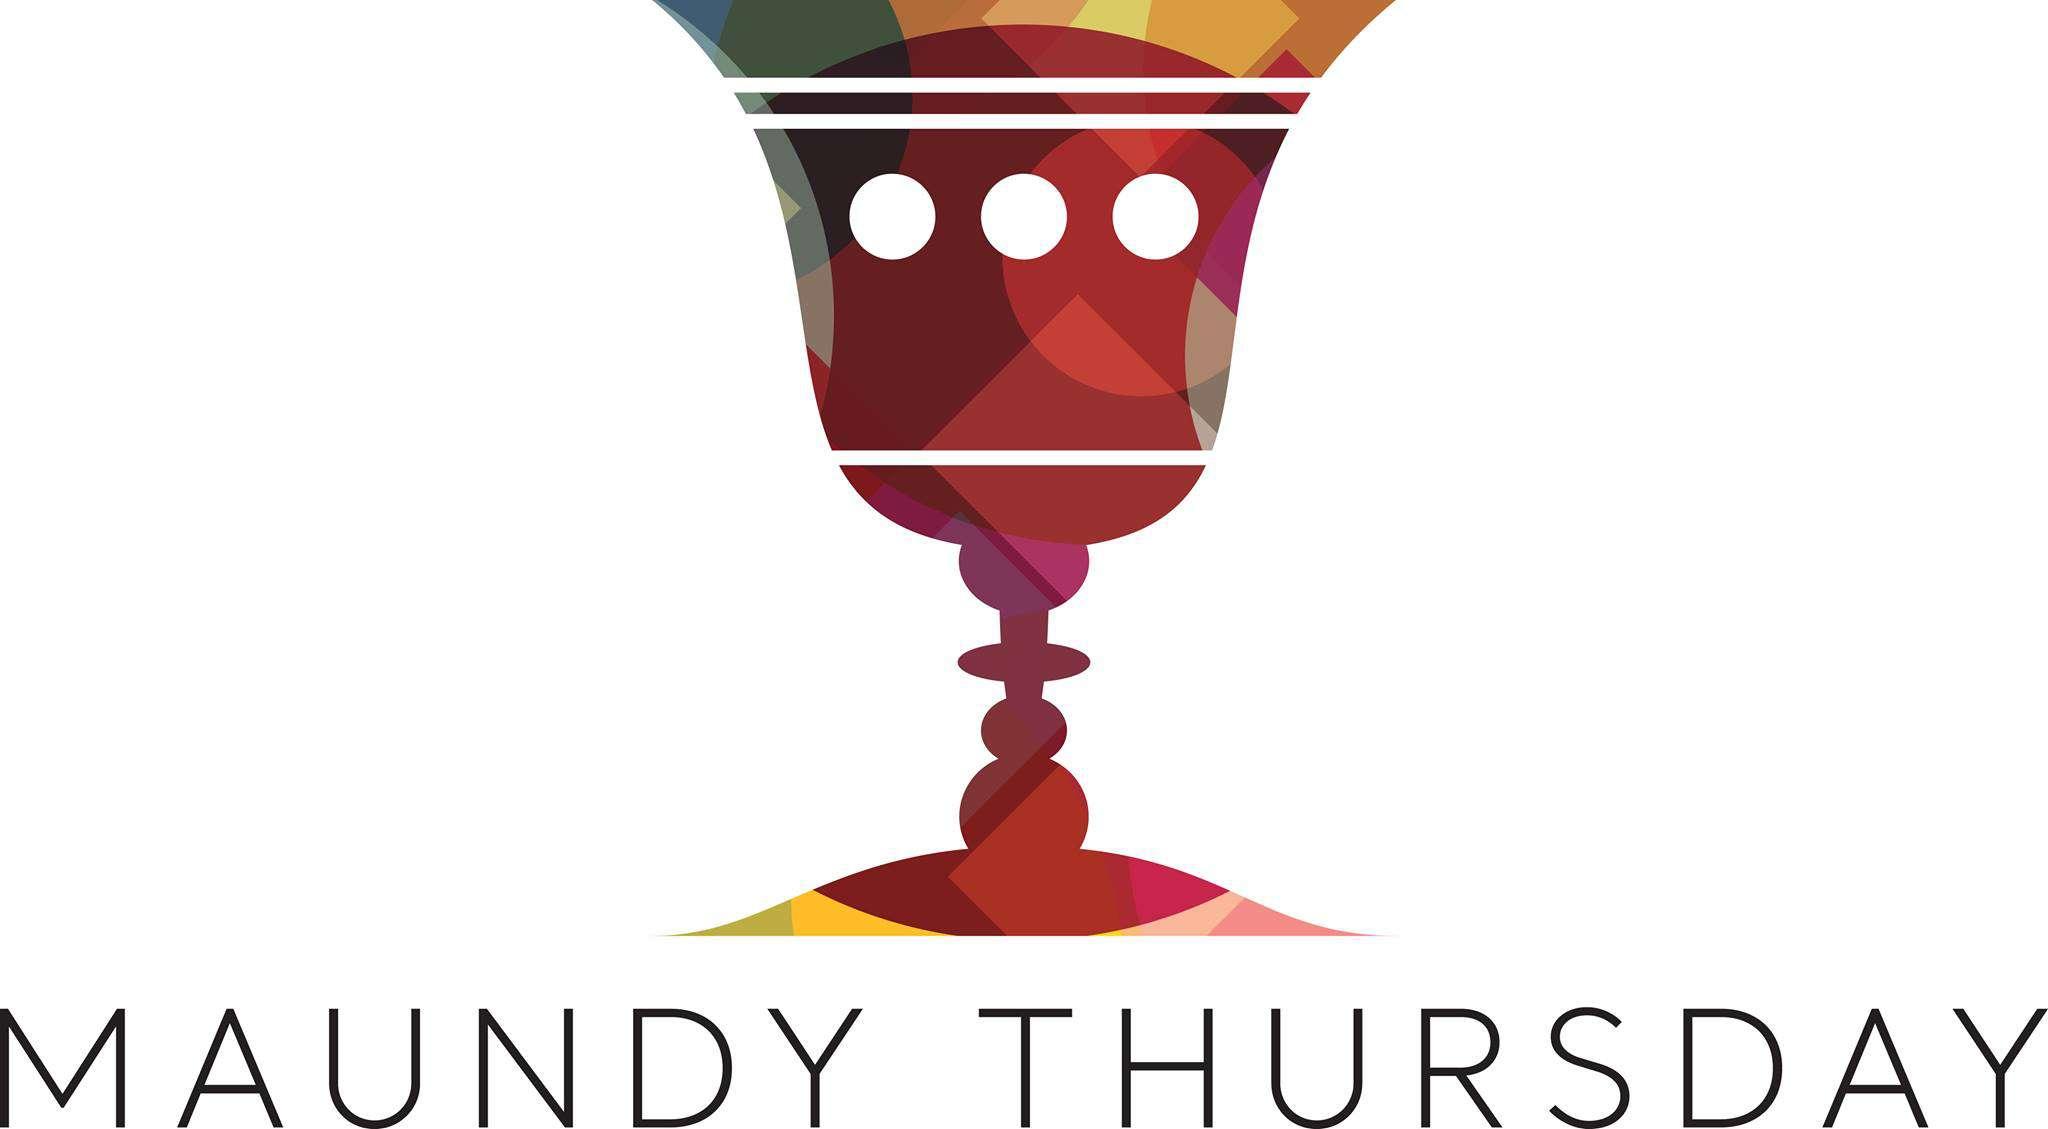 Maundy Thursday Wishes Beautiful Image